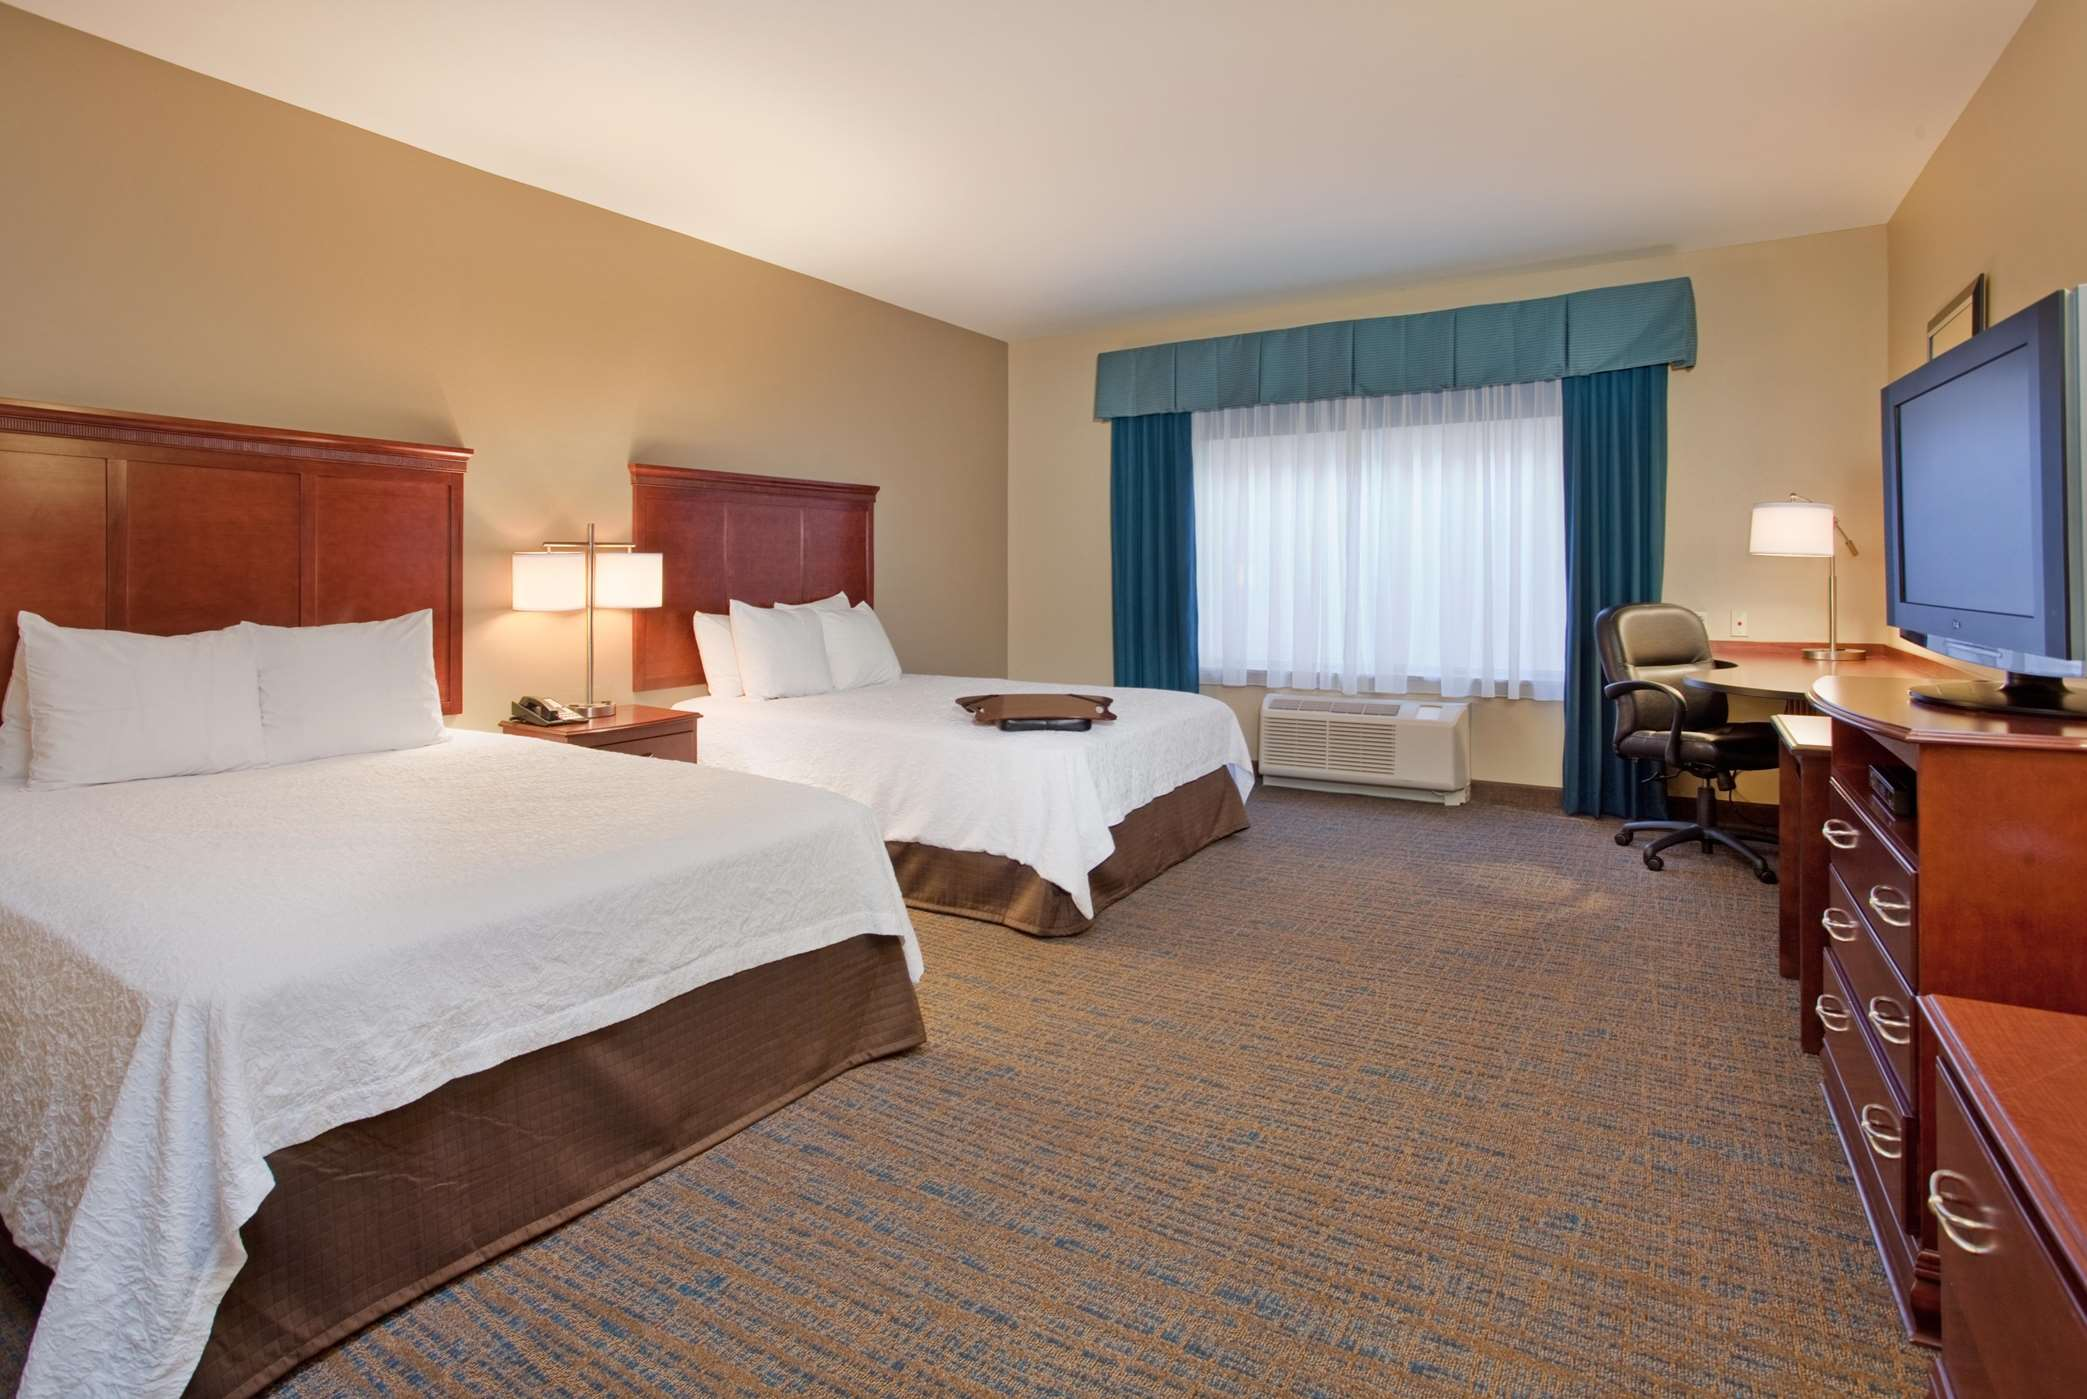 Hampton Inn Suites Omaha Southwest La Vista La Vista Nebraska